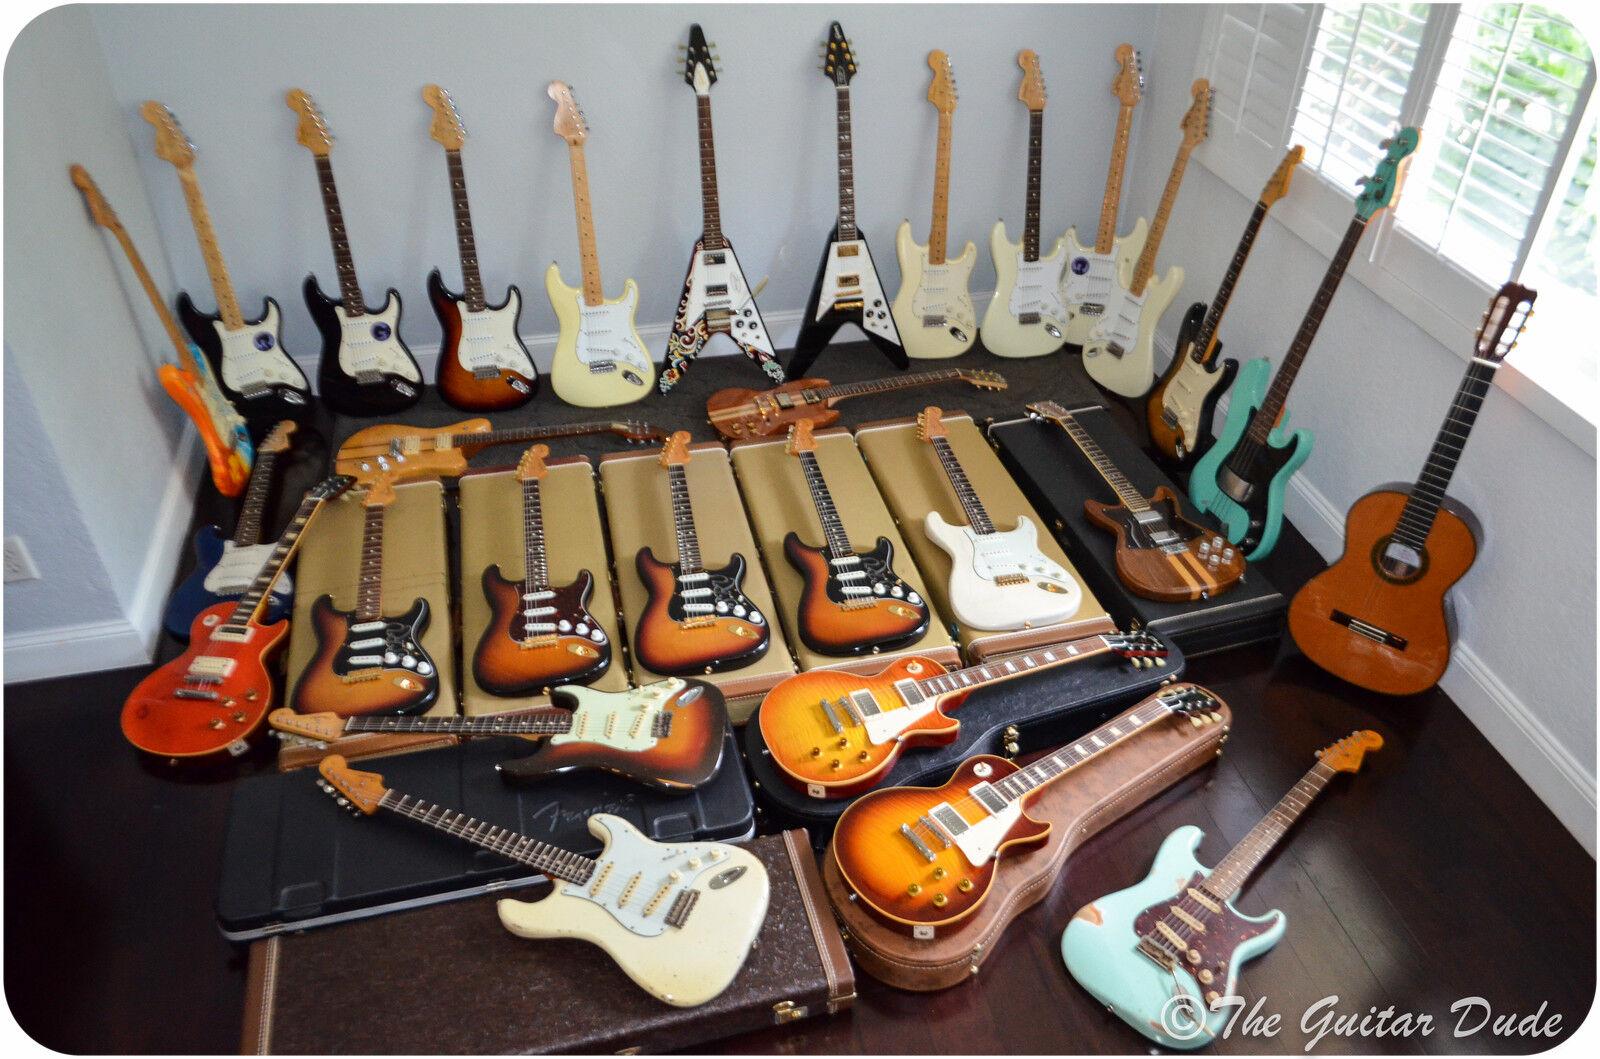 The Guitar Dude Boutique